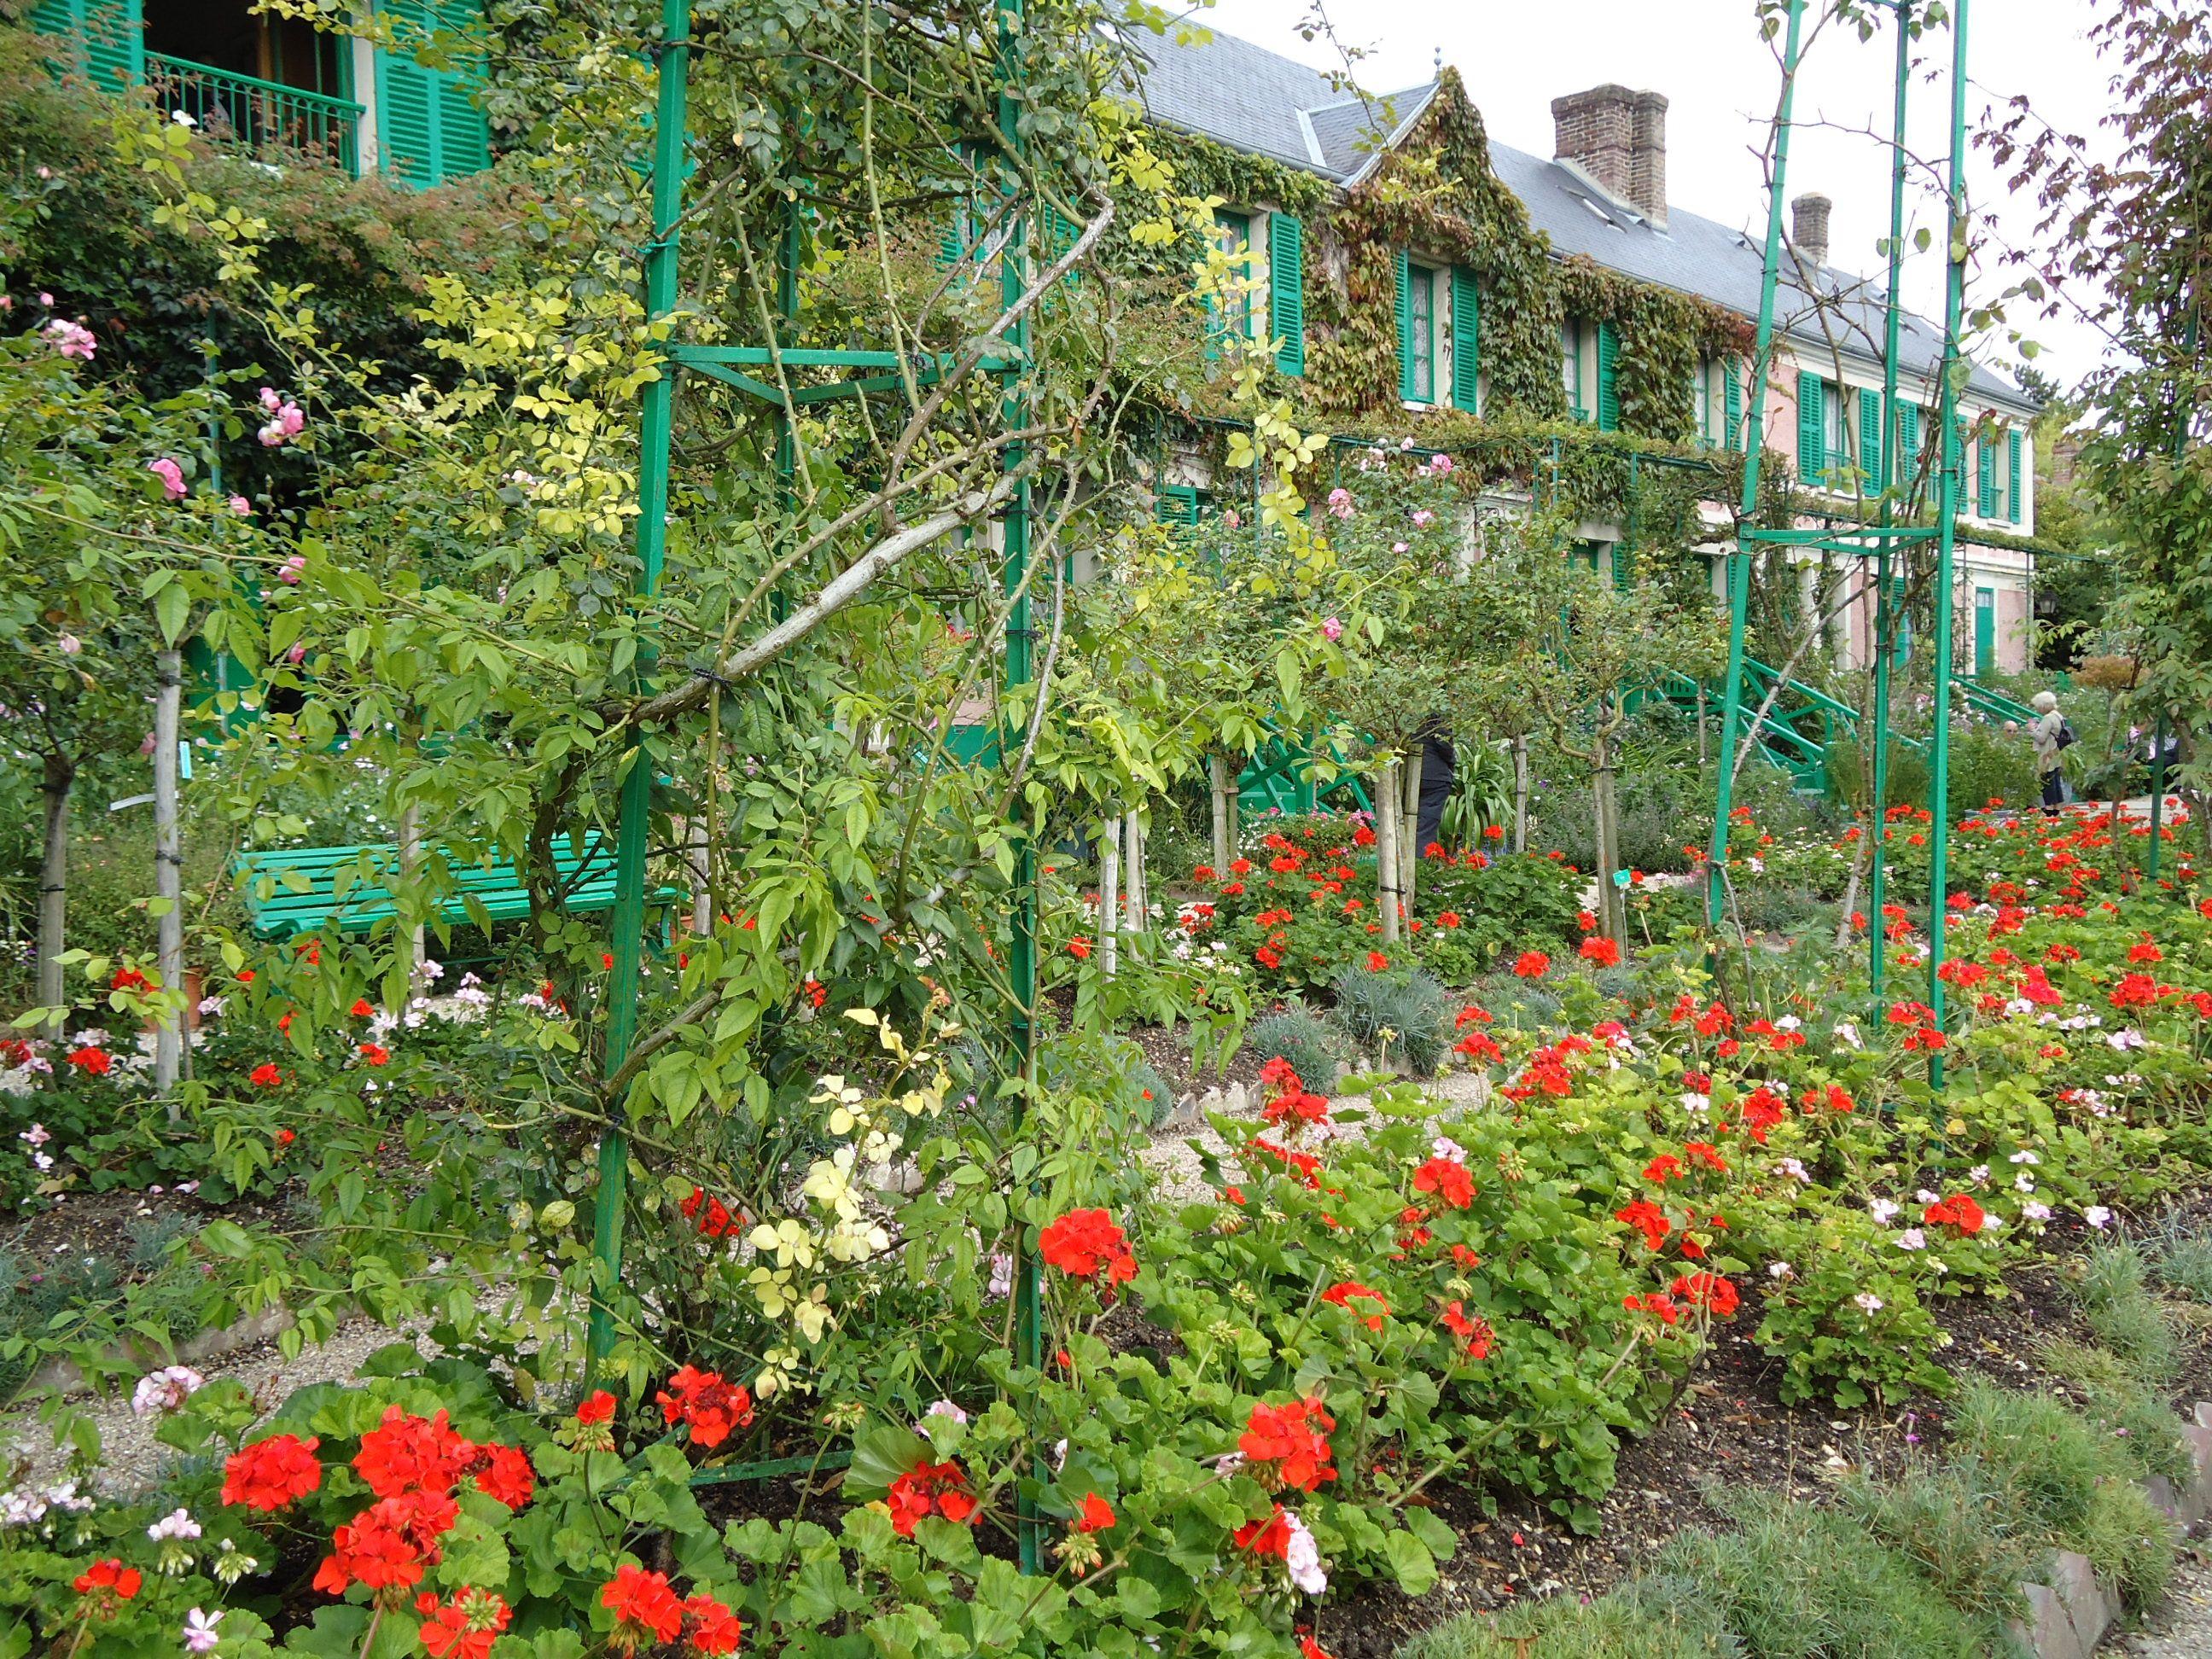 Giverny Hebergement Hotels Chambres D Hotes Gites Restaurants Informations Artistes Jardins Et Maison De Claude Monet Jardin Monet Monet Jardin Francais